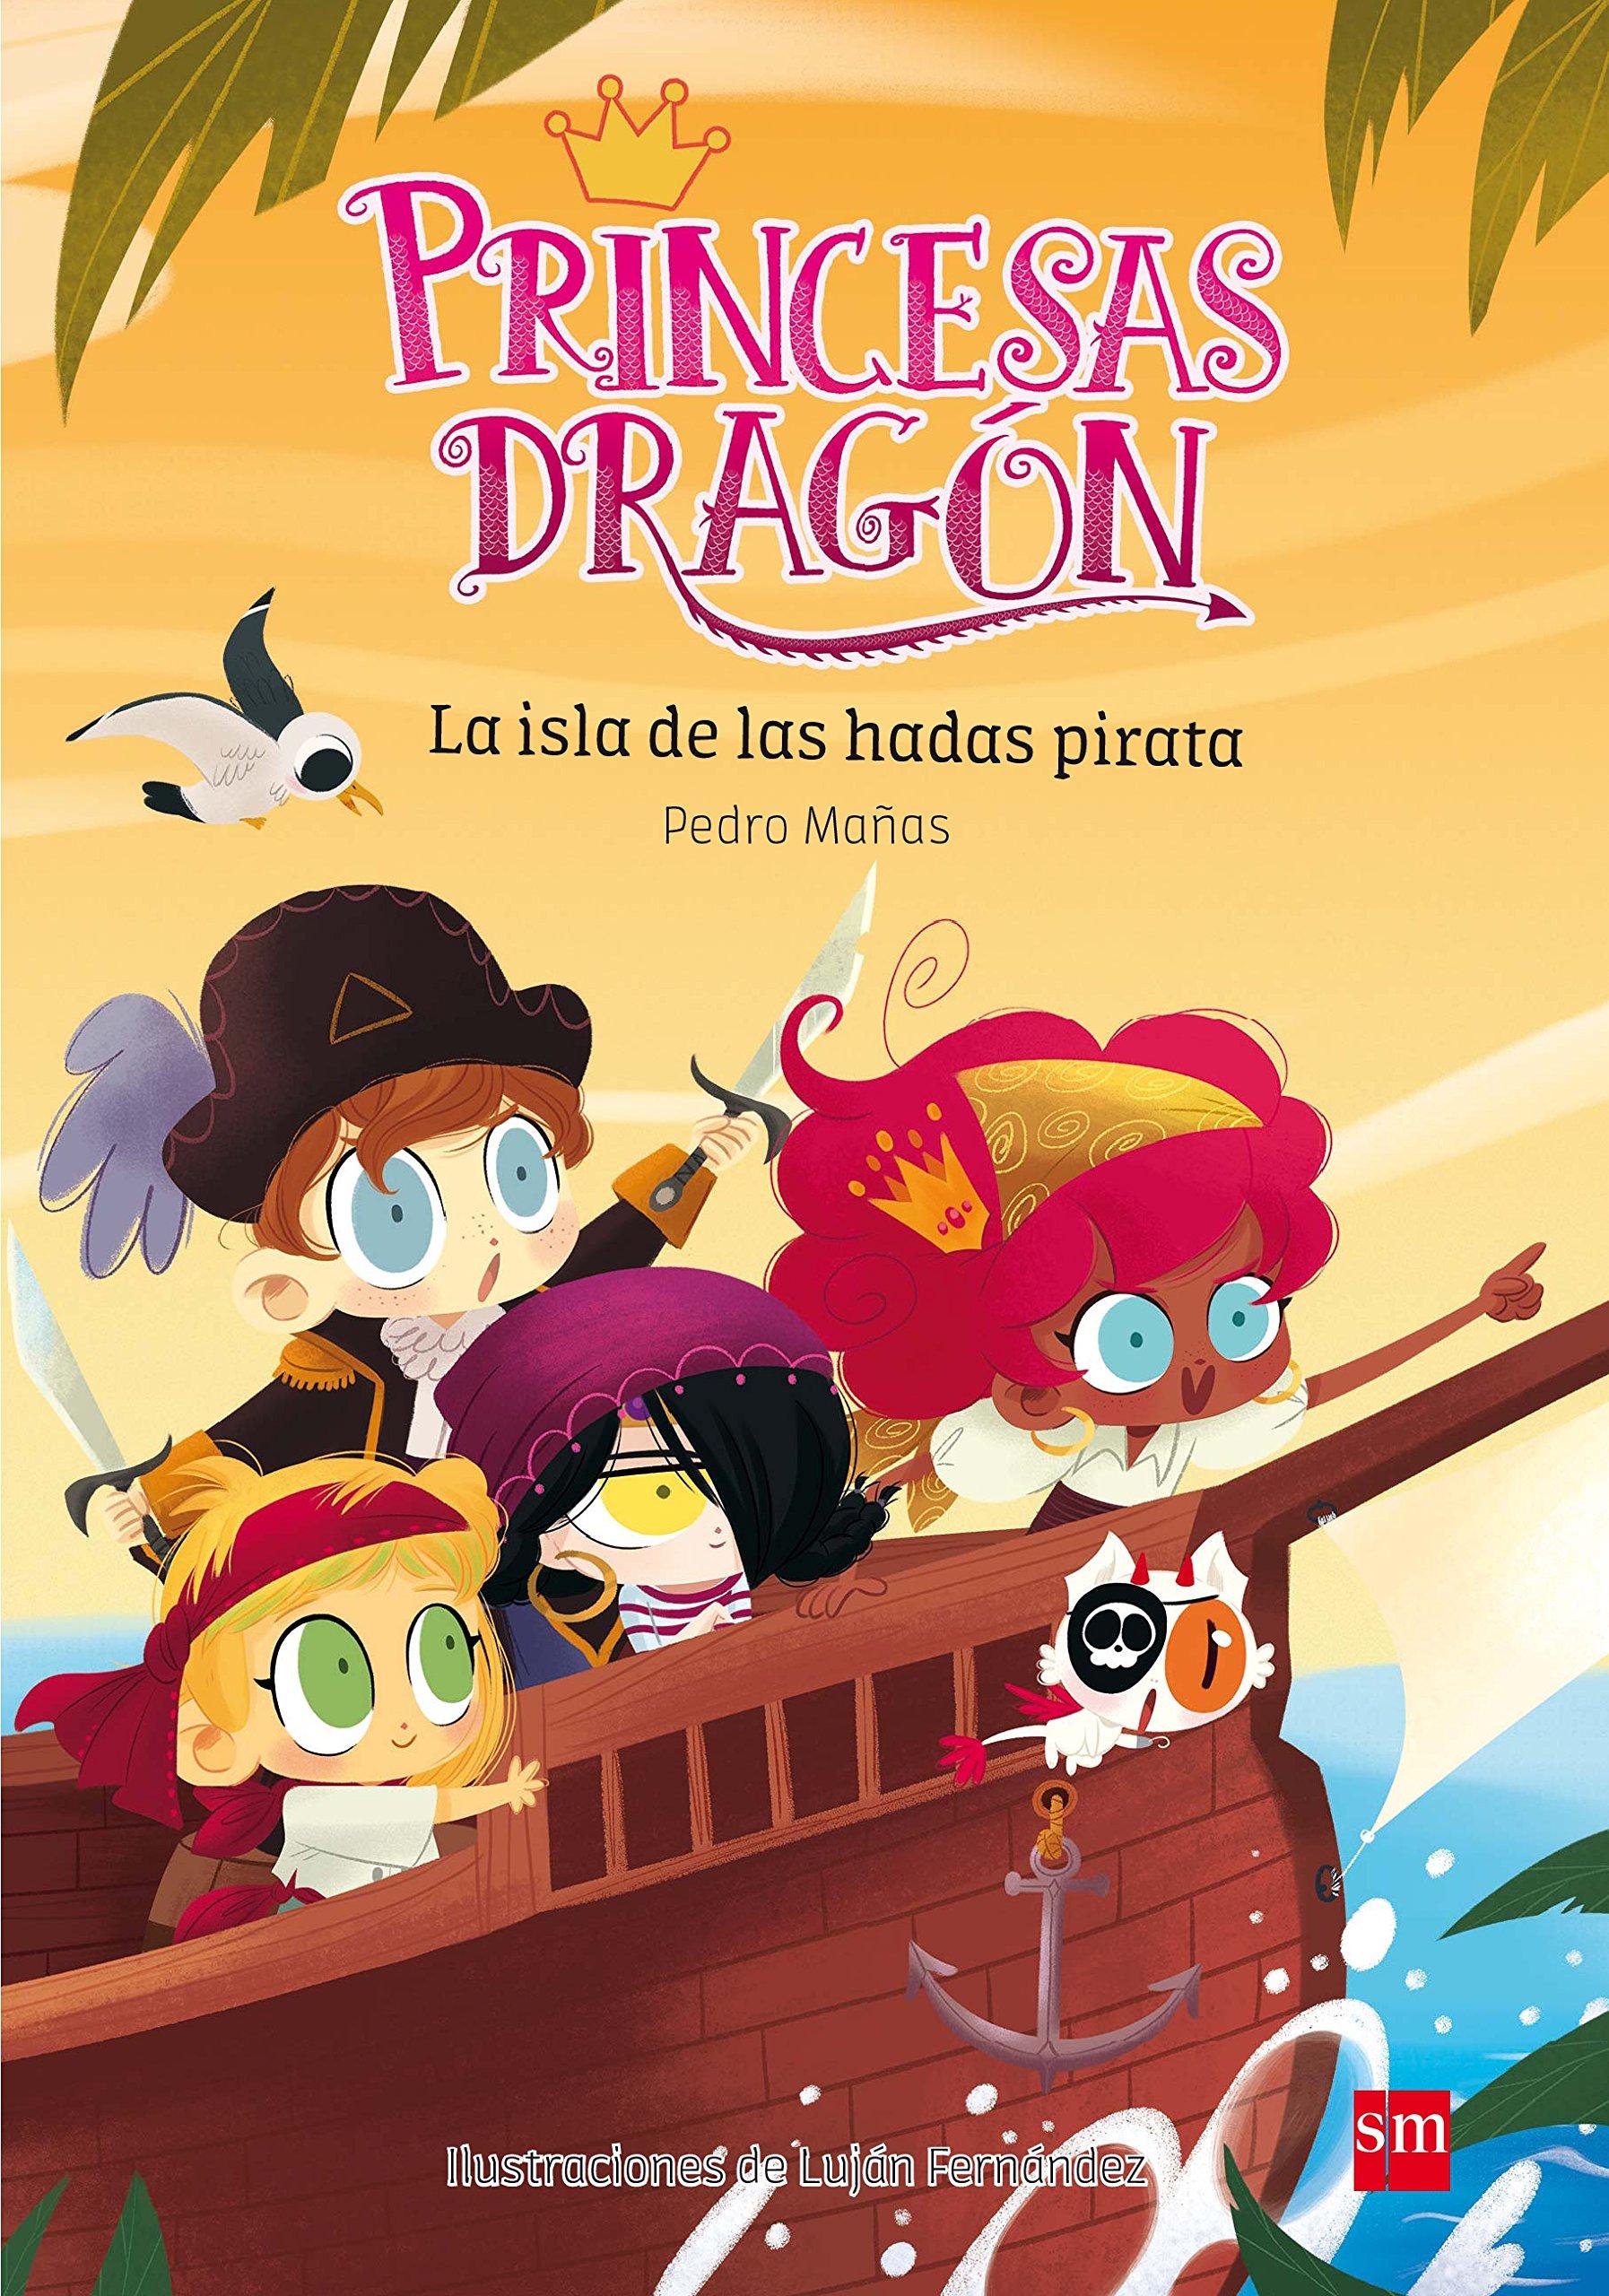 Princesas Dragón: La isla de las hadas pirata: Amazon.es: Pedro Mañas Romero, Luján Fernández Méndez: Libros